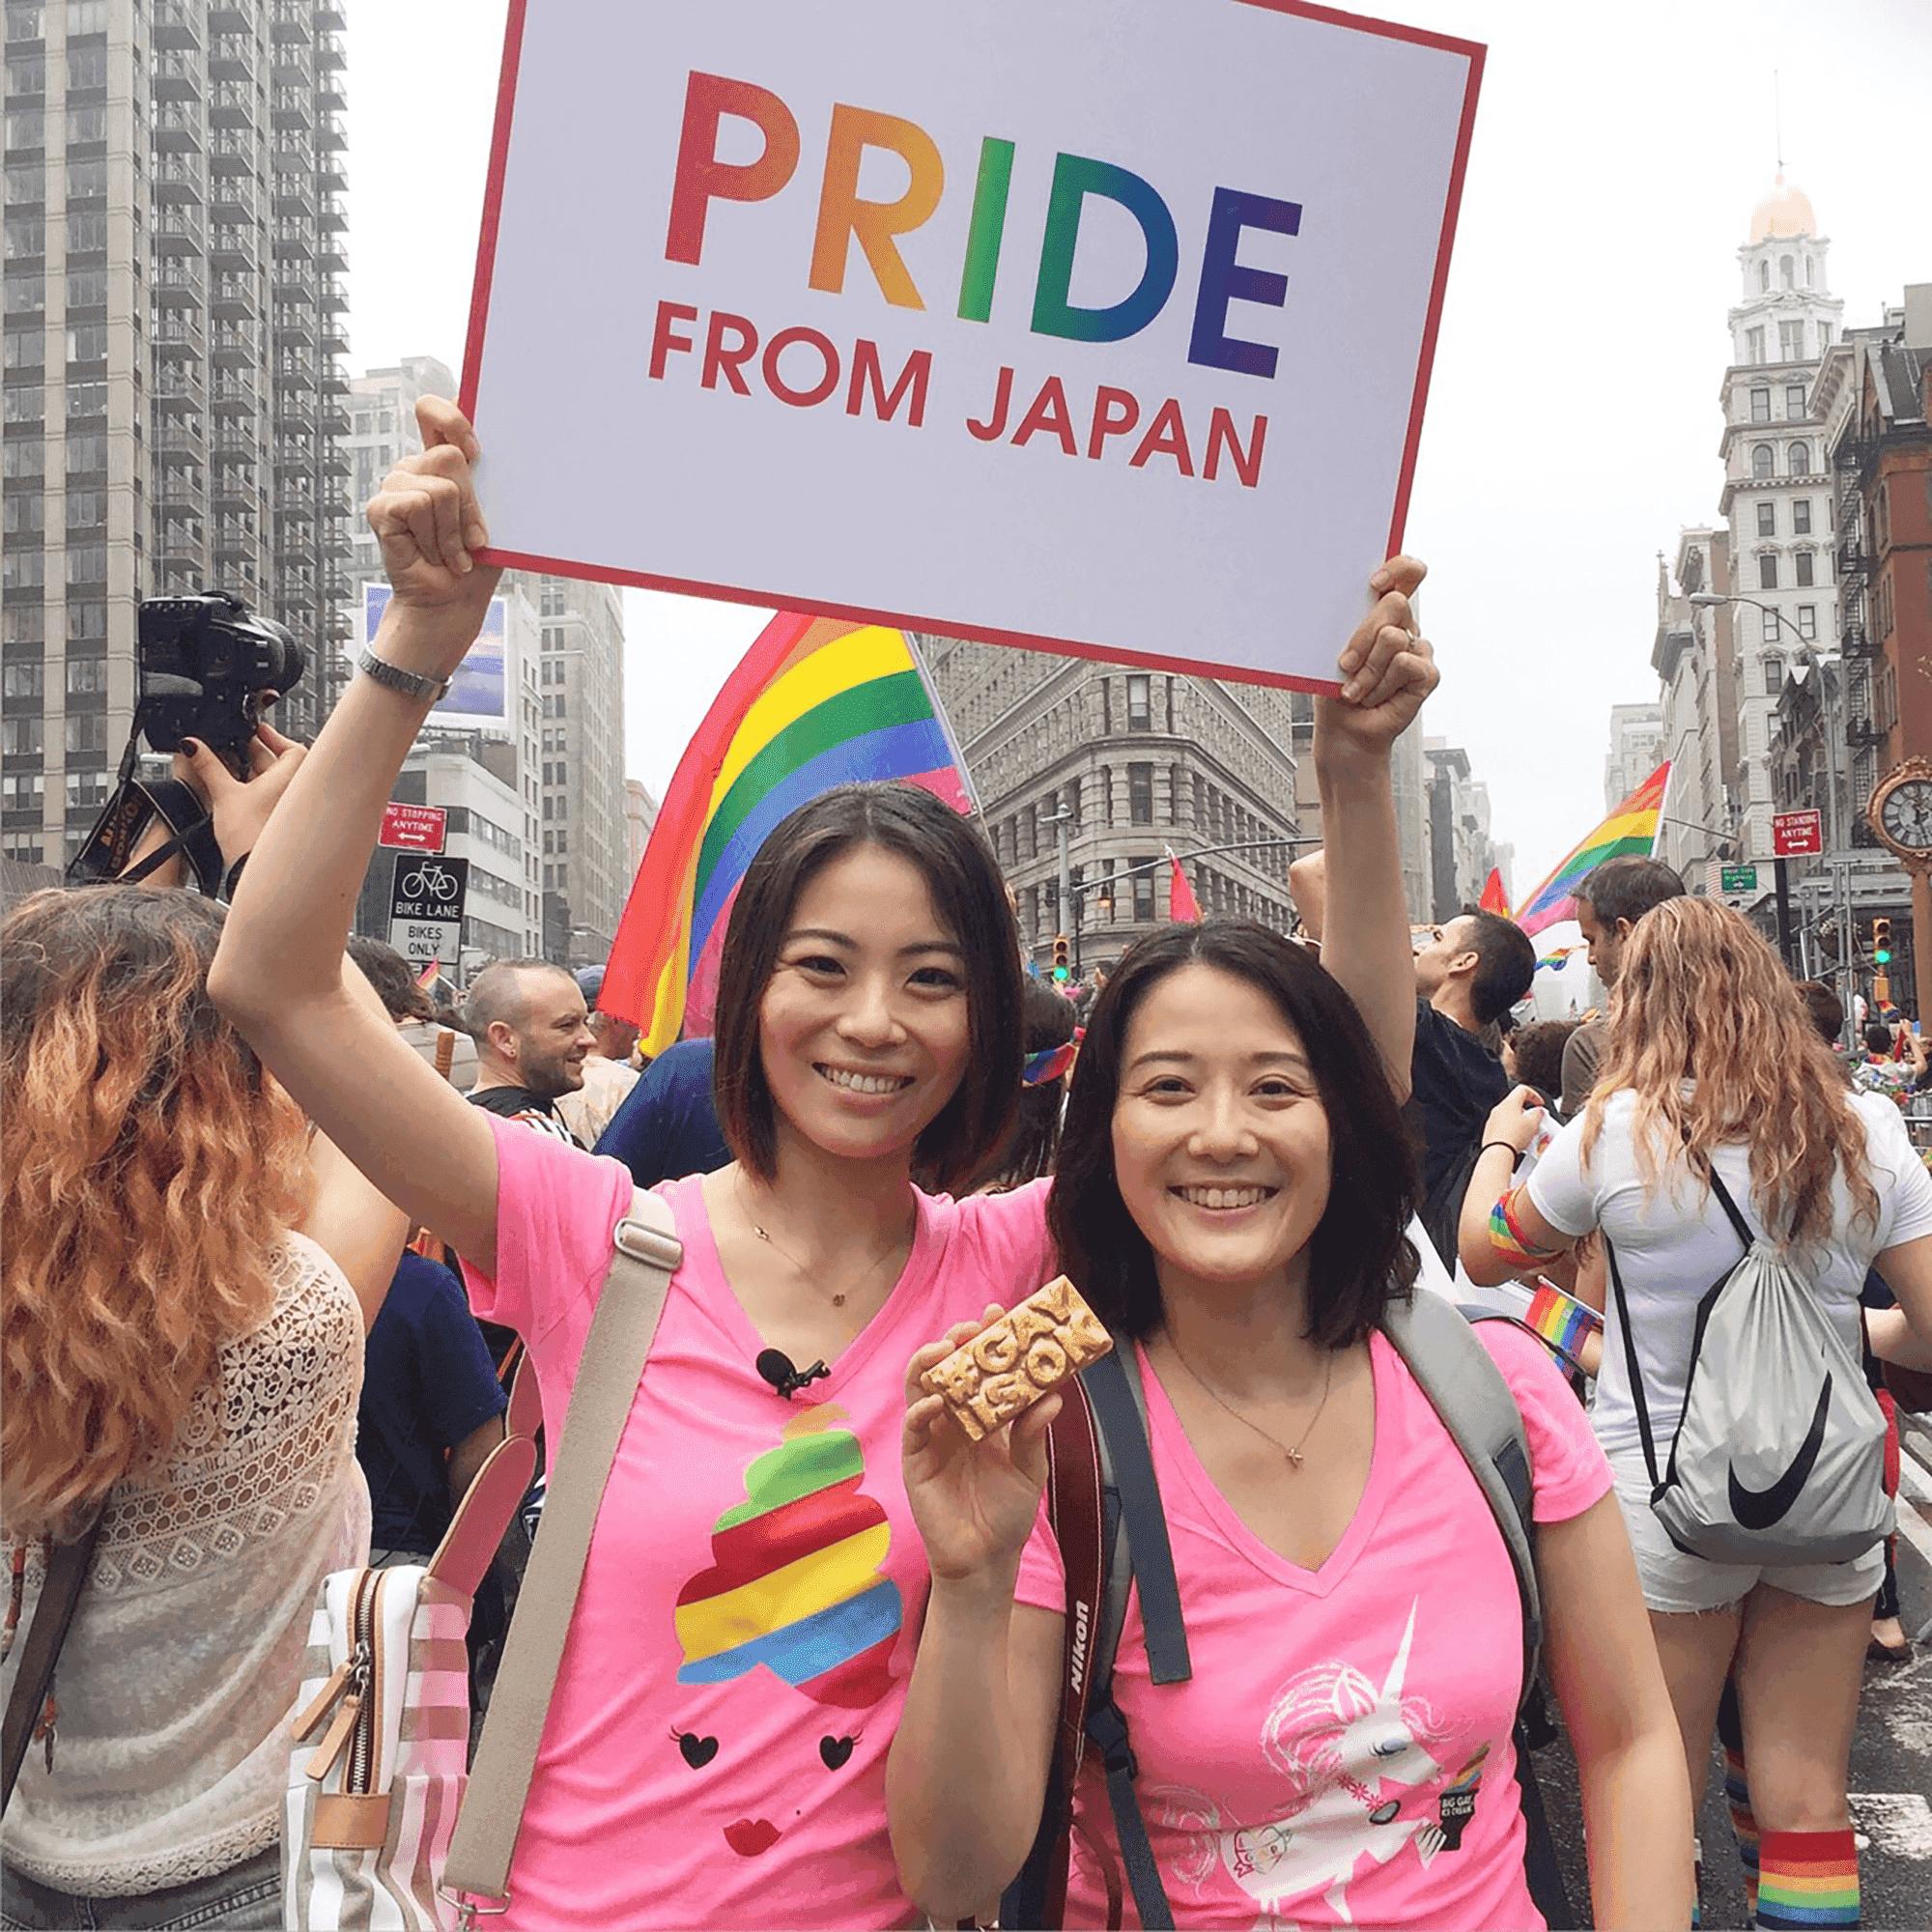 「2009年頃に初めて東京のプライドパレードに参加したときに、あるレズビアンの子が『Happy  Pride!』とすごく明るい声でハイタッチをしてくれたのです。